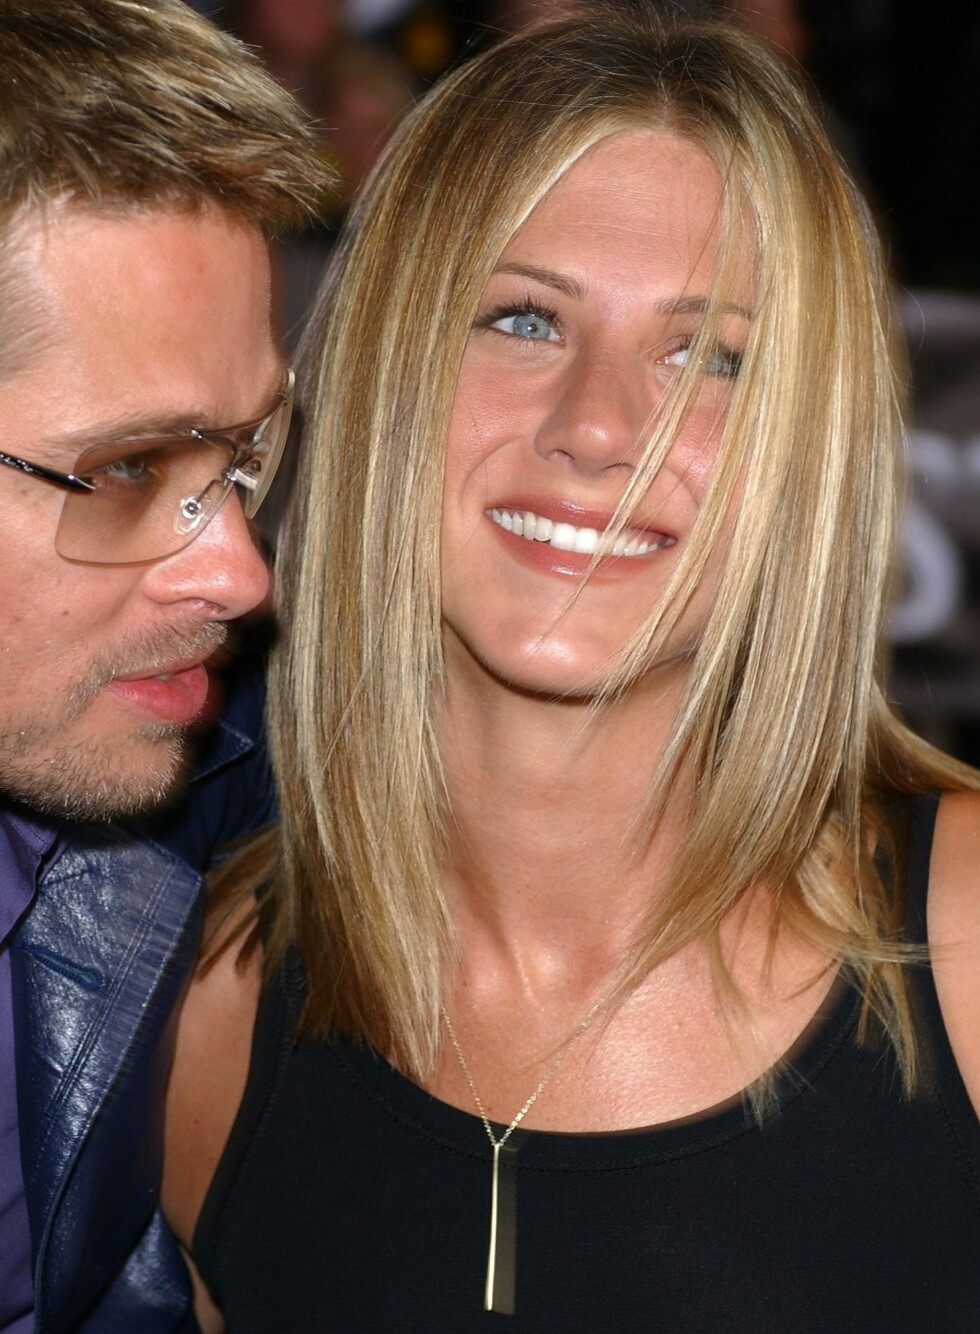 på 90-tallet hadde Jennifer Aniston både drømmerollen som Rachel og drømmemannen Brad Pitt. Ikke nok med det, hun hadde drømmehåret også.  Foto: All Over Press